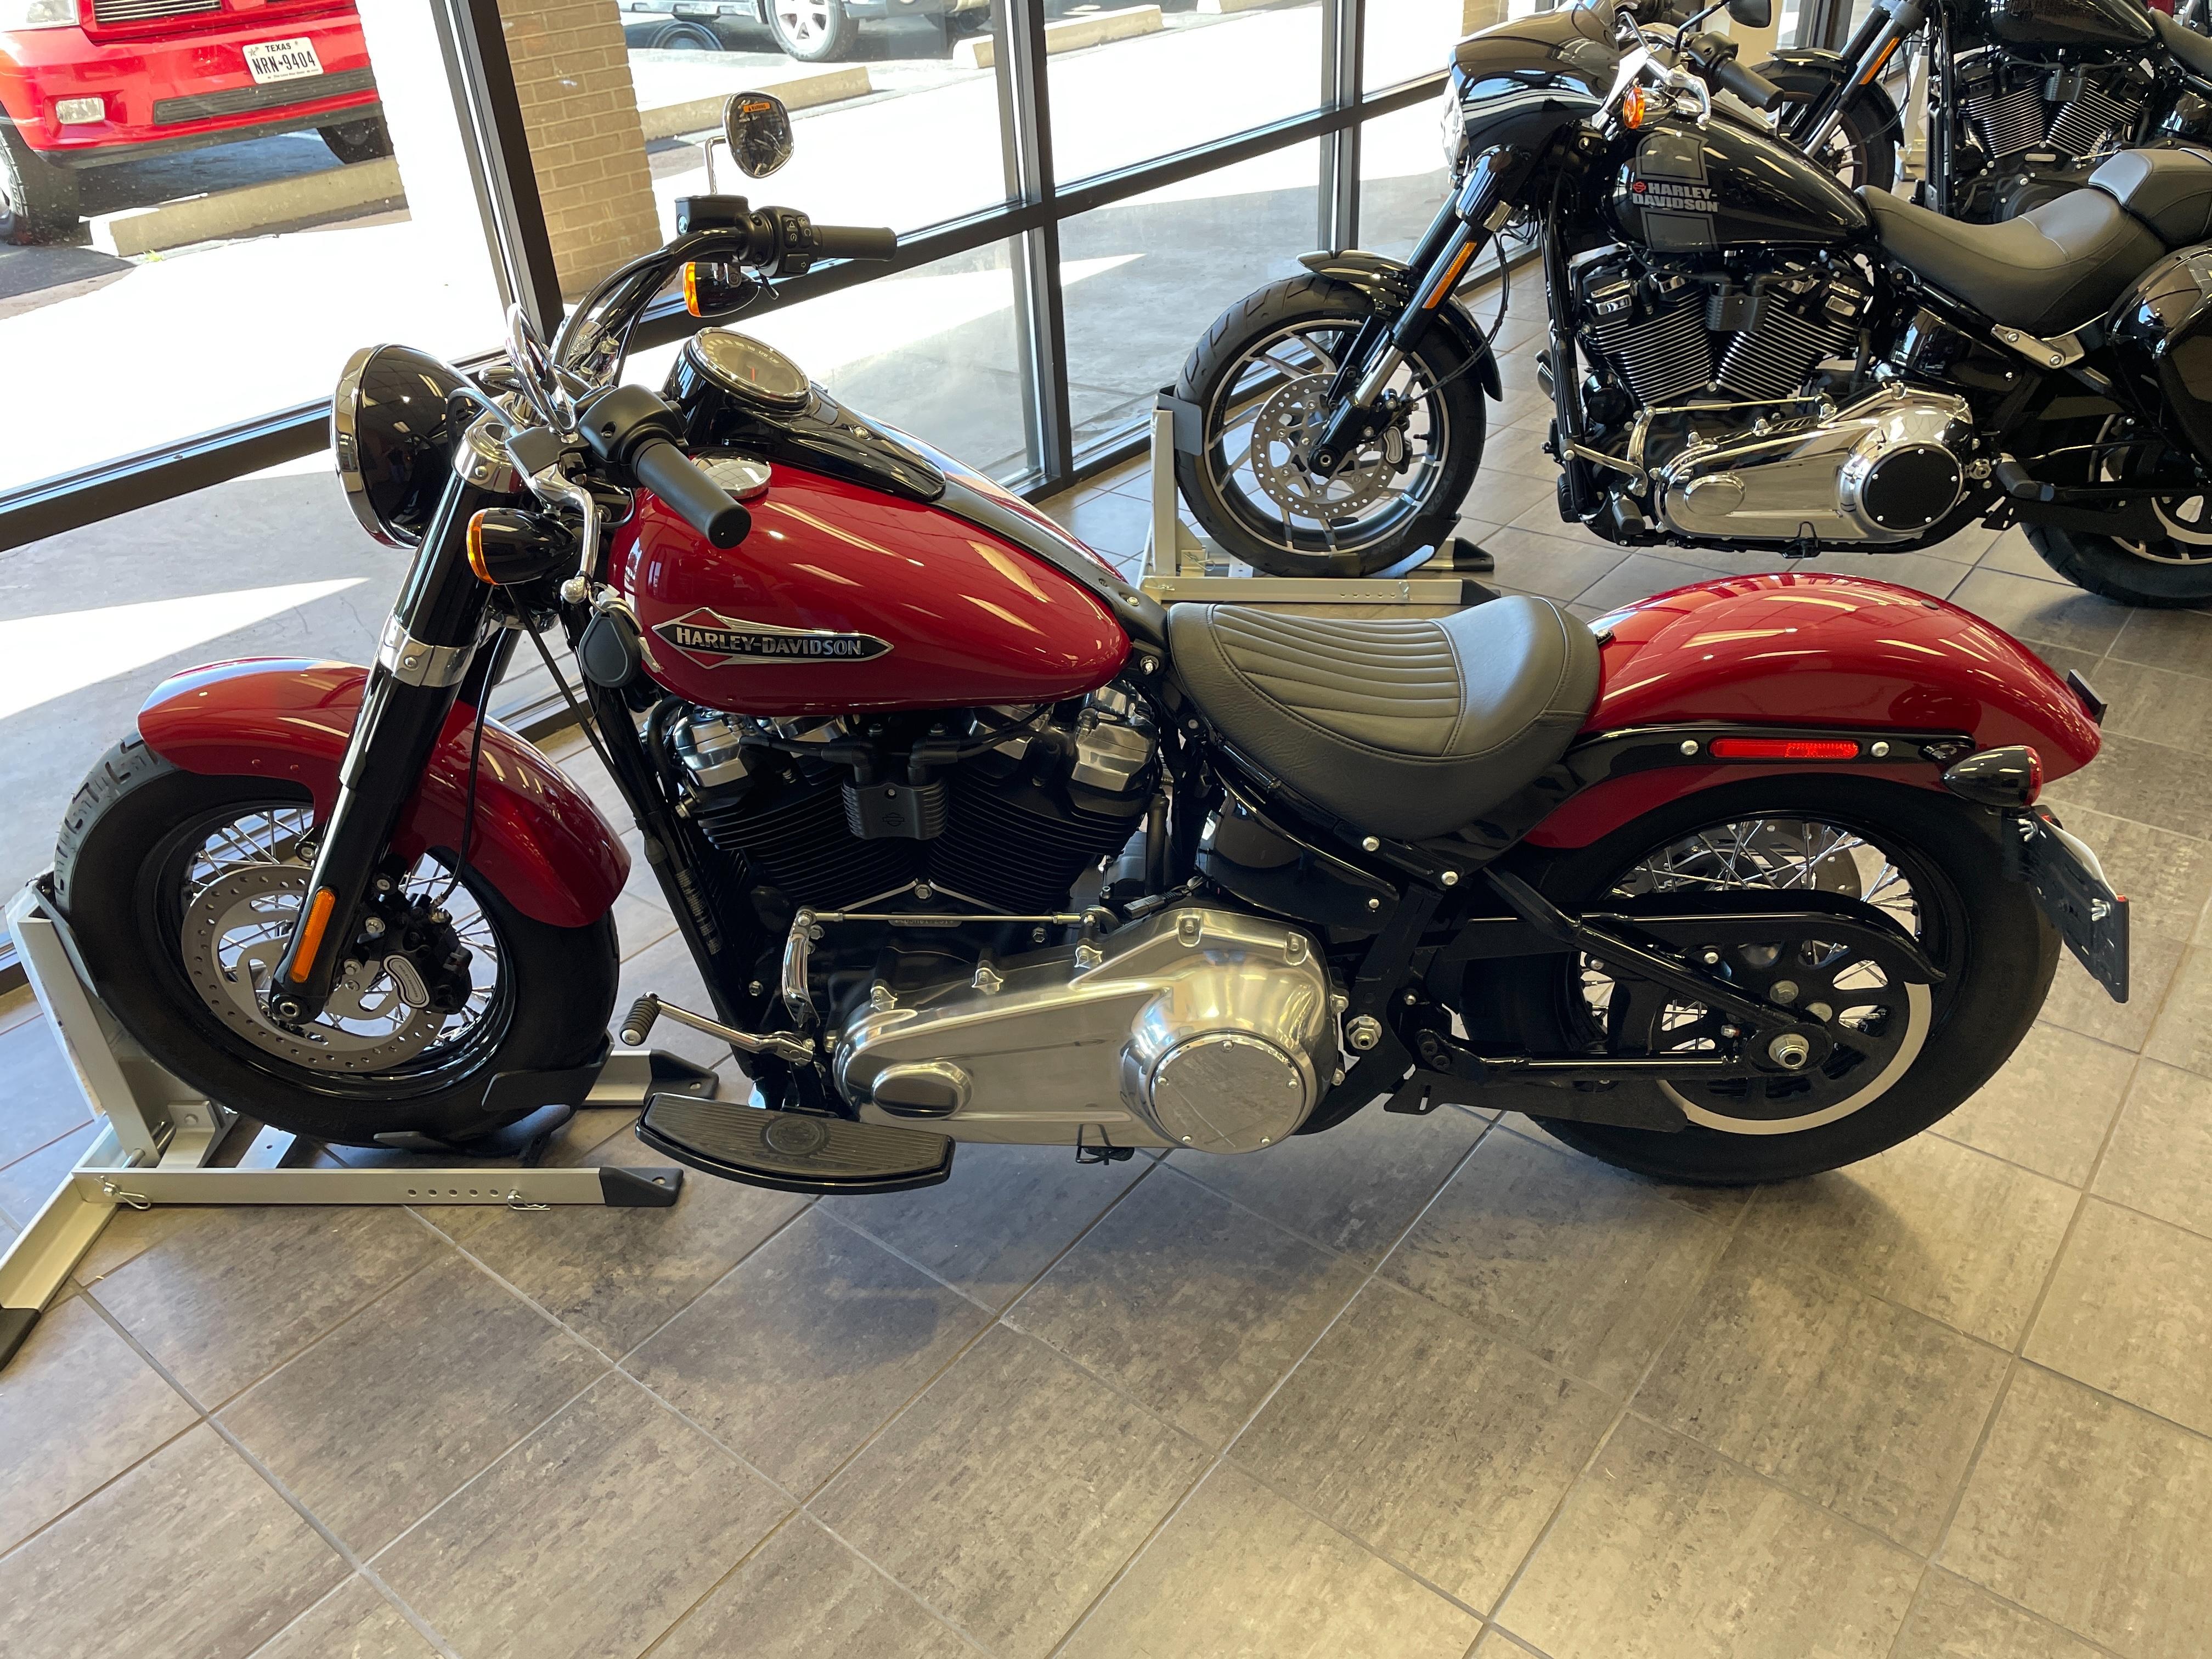 2021 Harley-Davidson Softail Slim Softail Slim at Tripp's Harley-Davidson